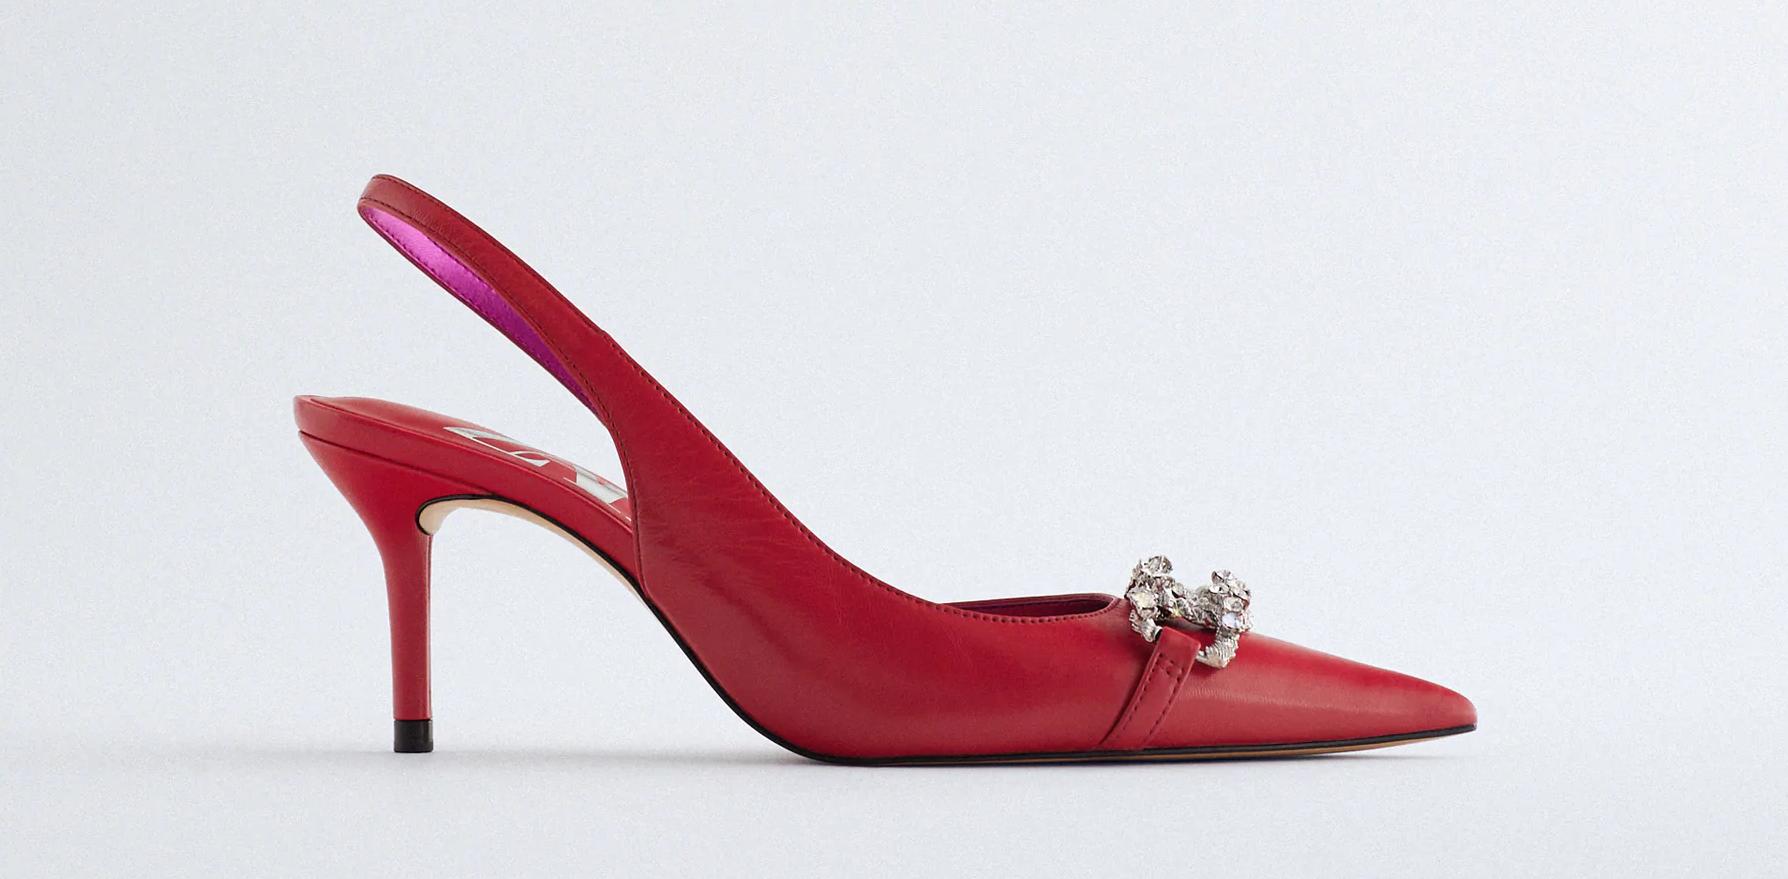 Destalonados rojos con hebilla de strass, de Zara.